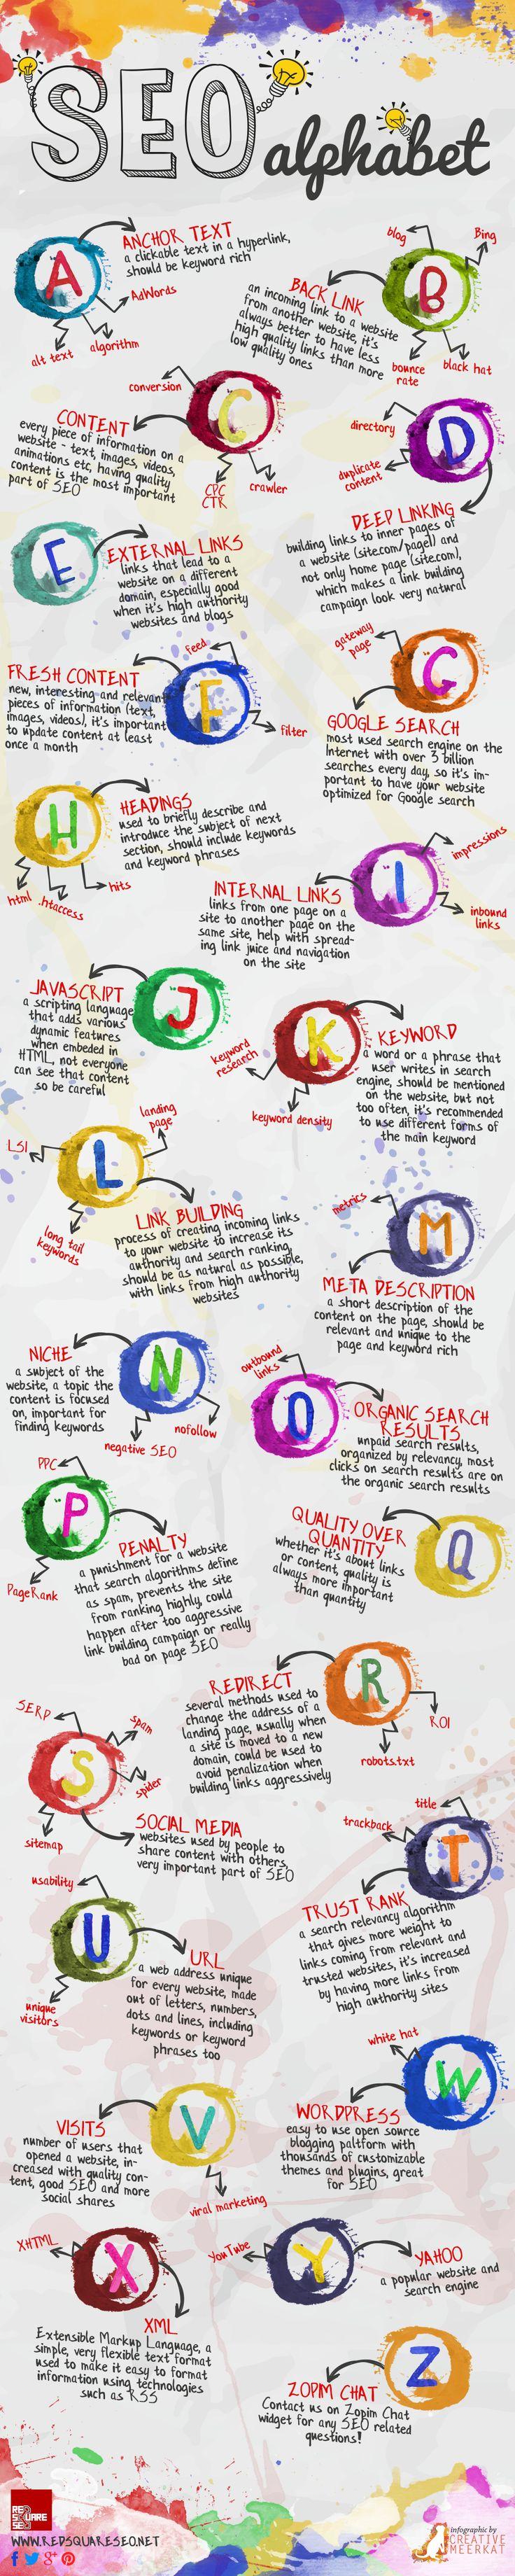 SEO terminologie Infographic - https://www.mediaostrich.nl/website-optimalisatie